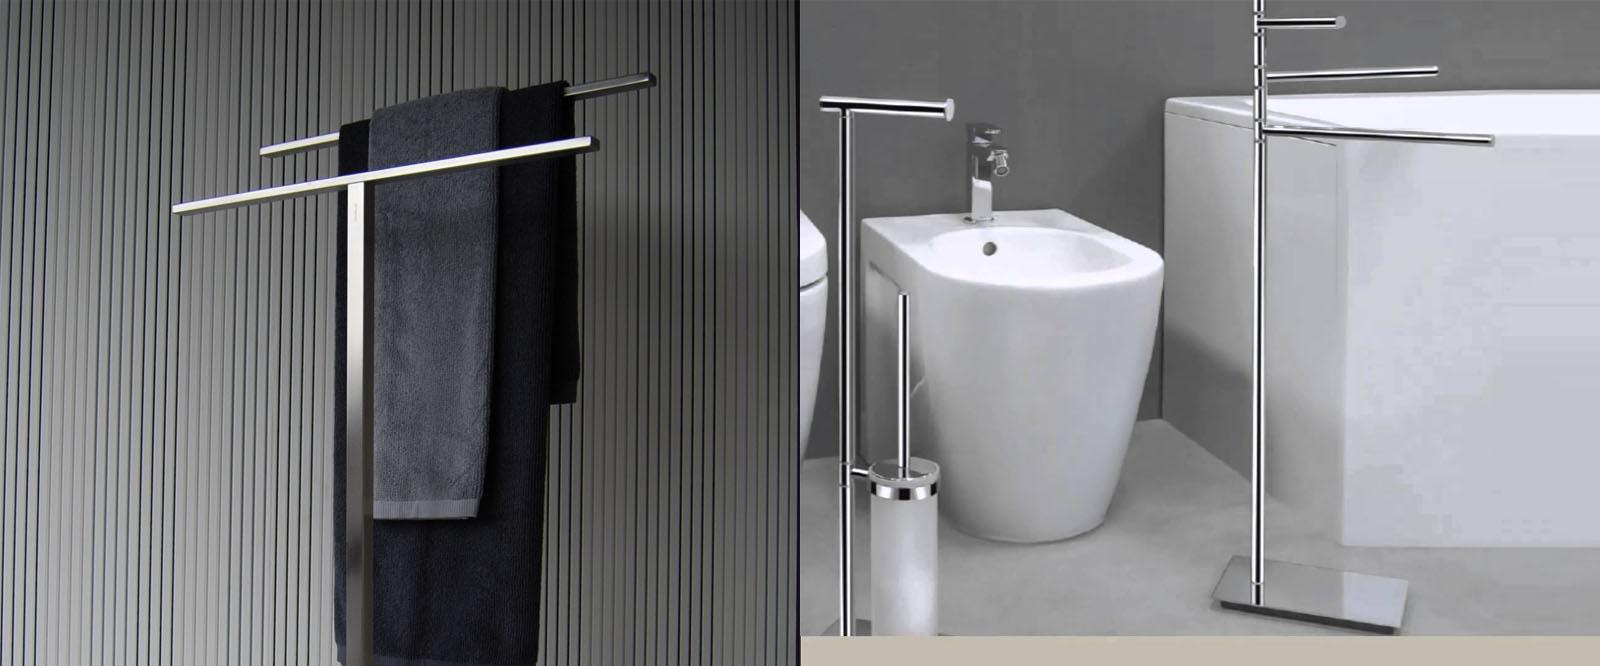 accessori bagno | npz ceramiche - Npz Arredo Bagno